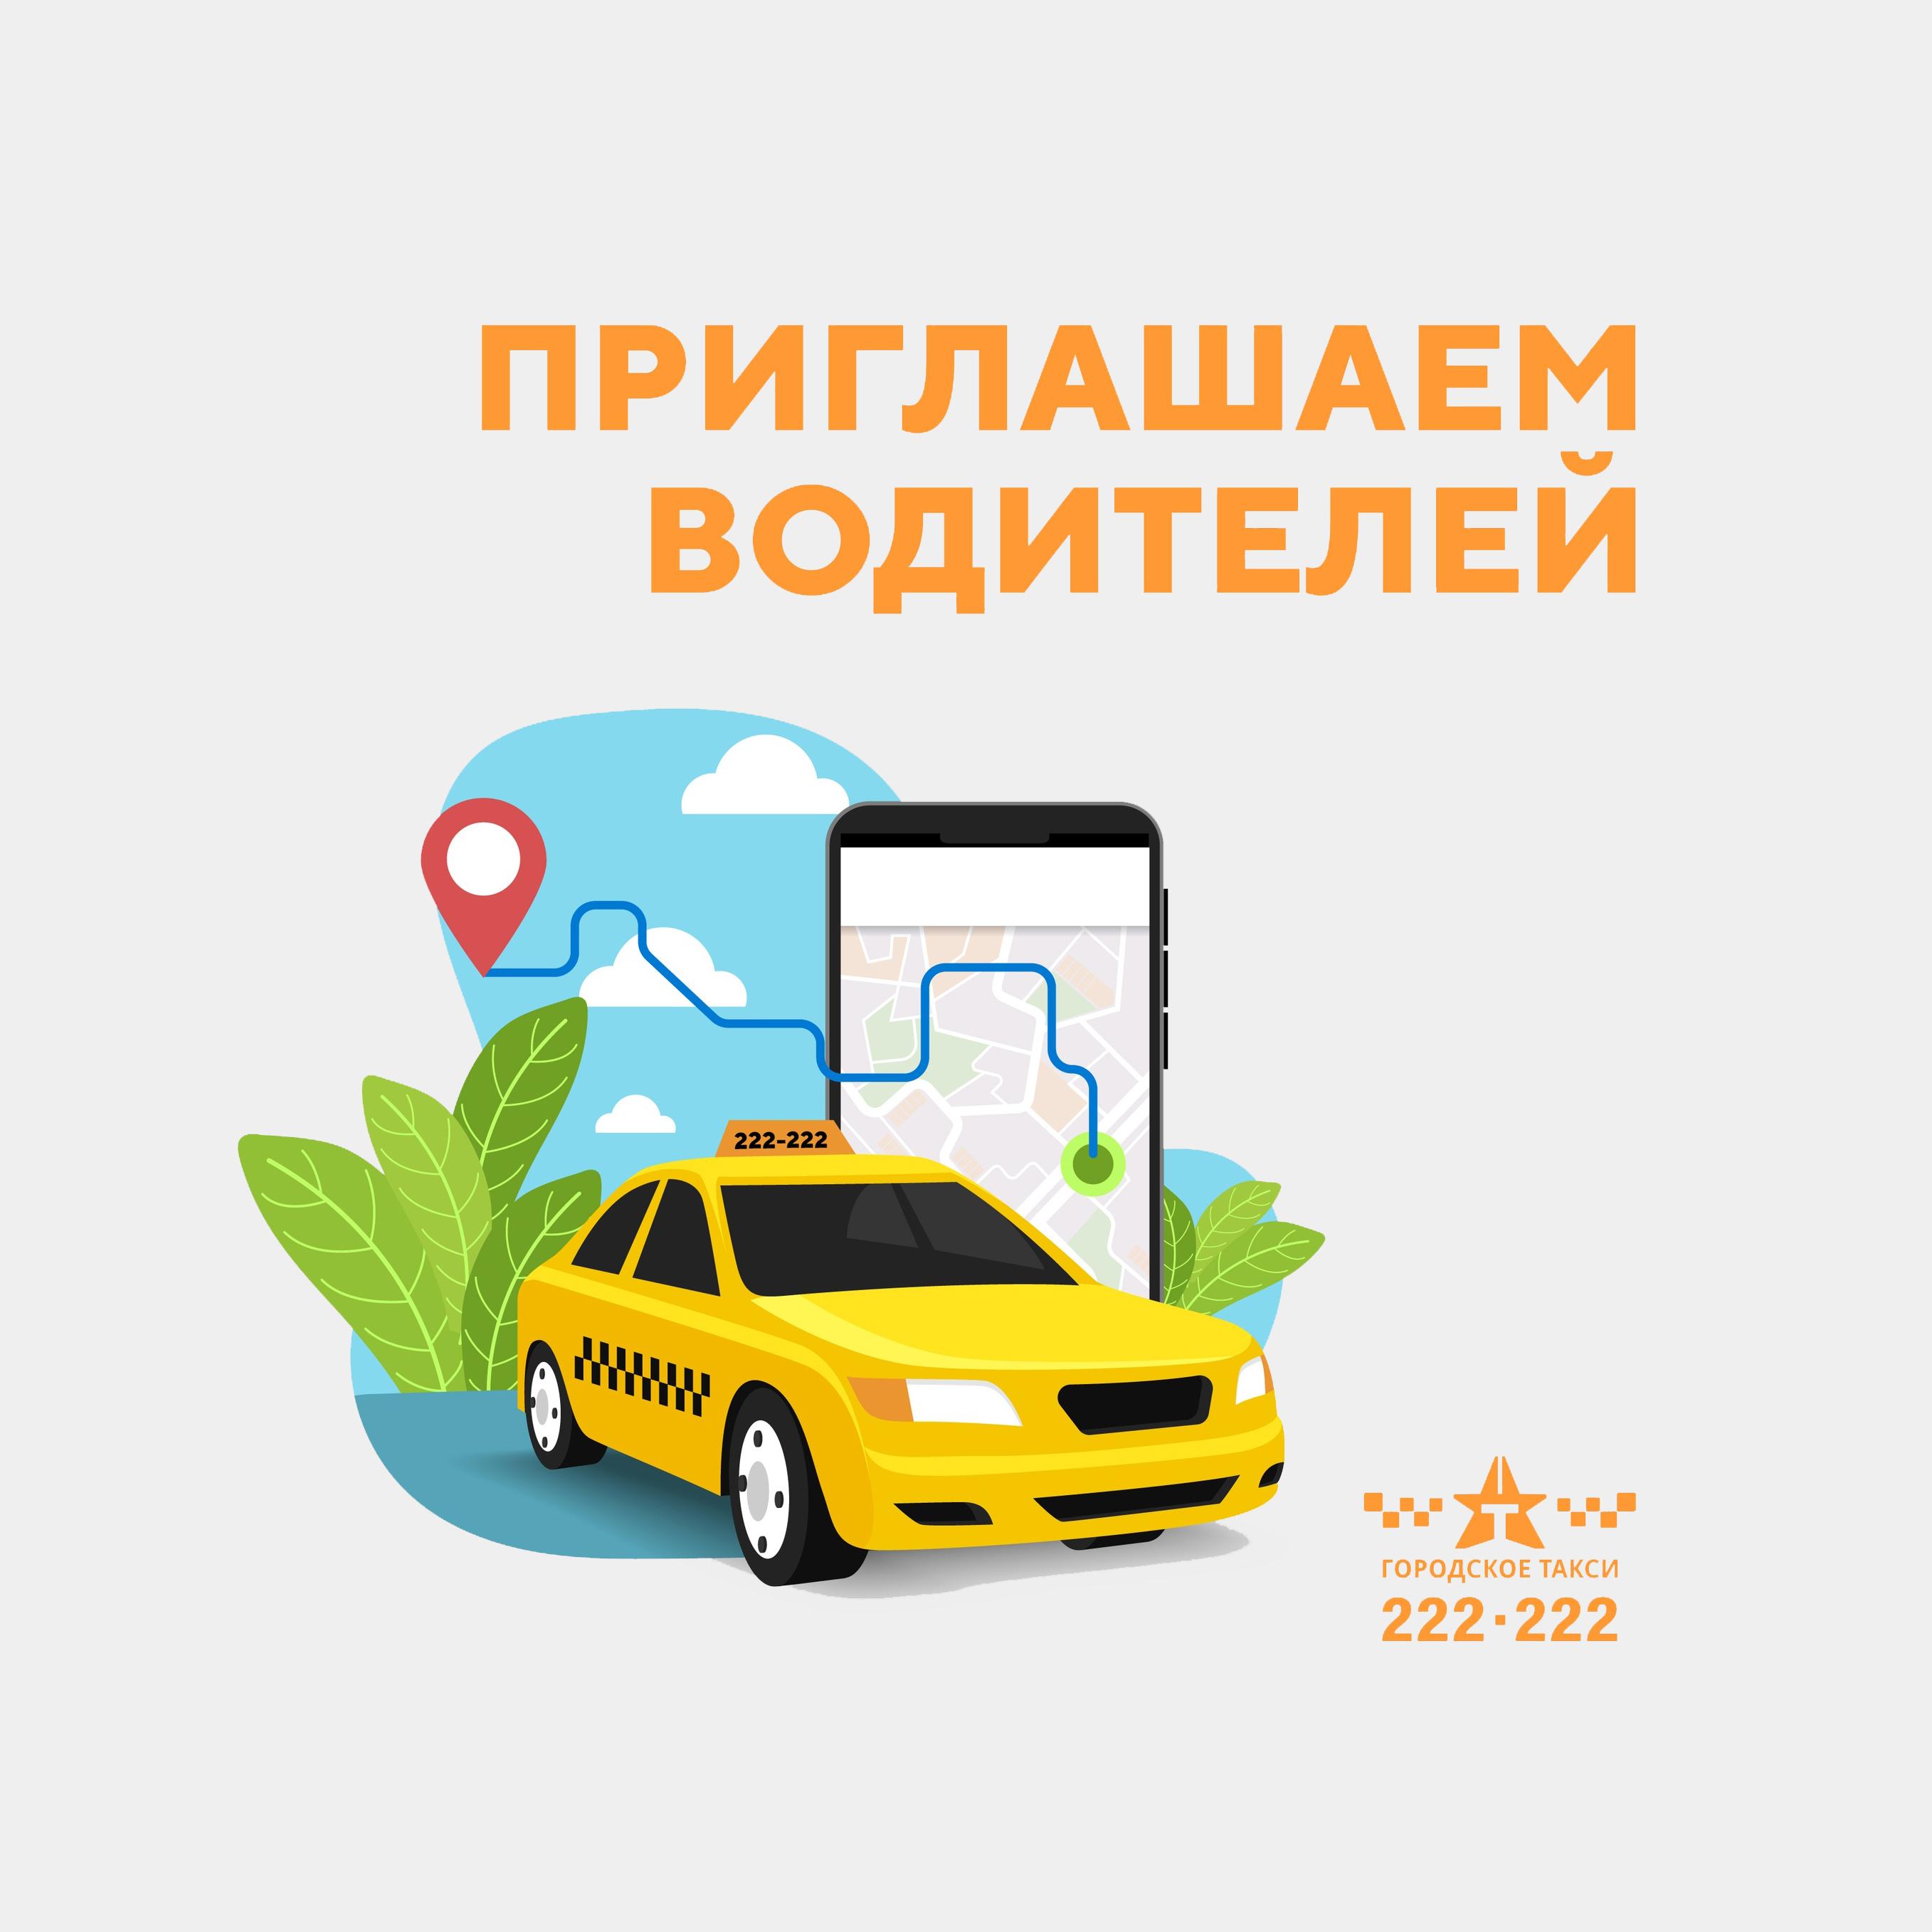 Приглашаем водителей в нашу команду😎